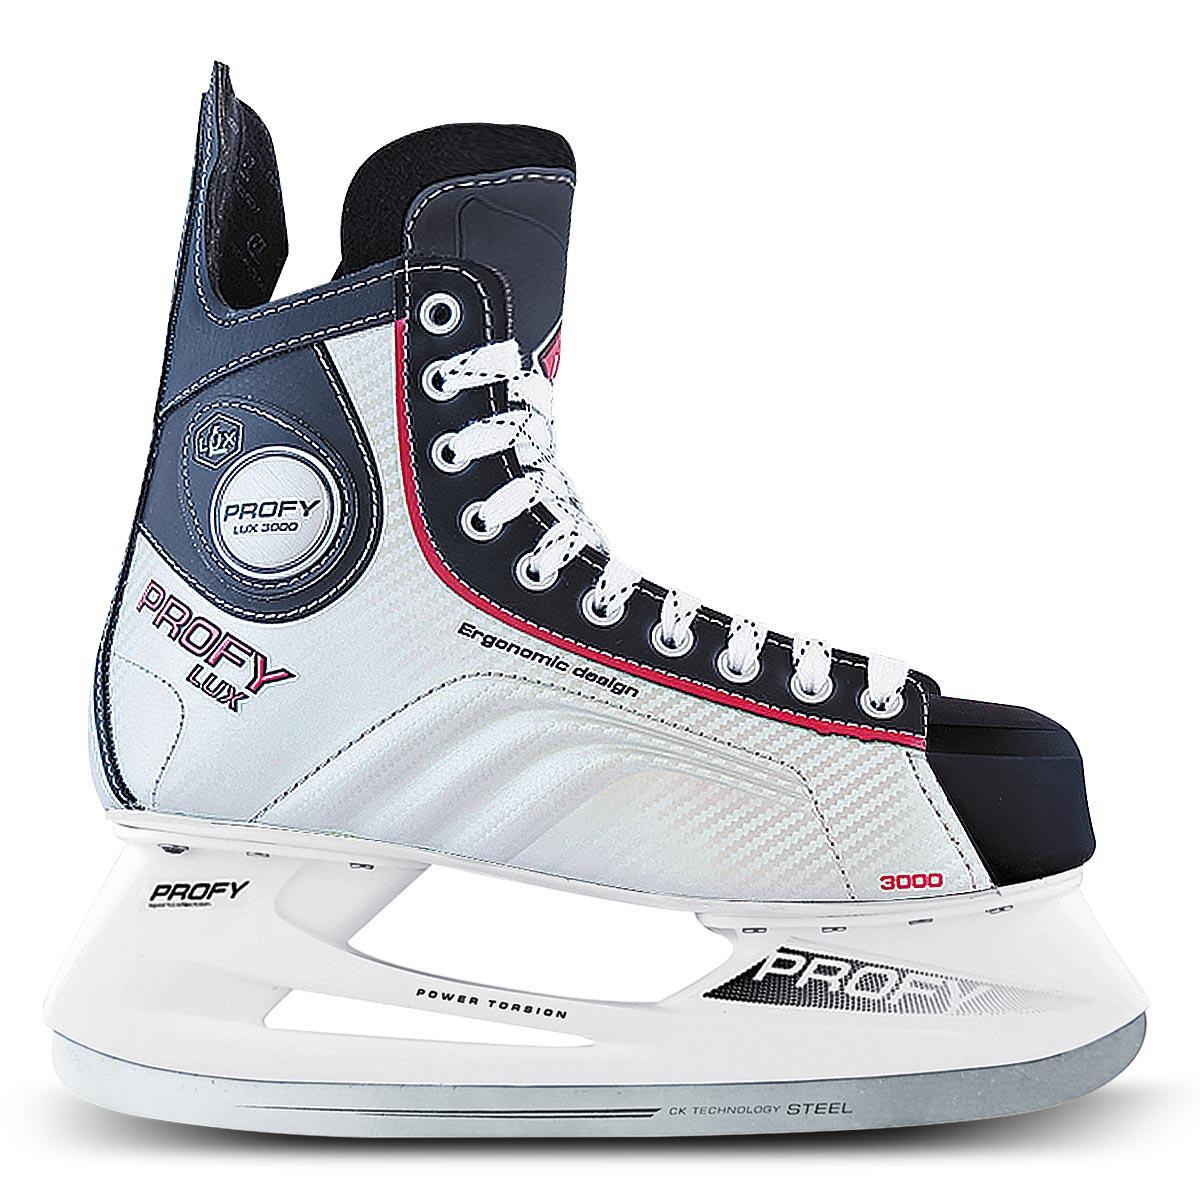 Коньки хоккейные мужские СК Profy Lux 3000, цвет: черный, серебряный, красный. Размер 45Atemi Force 3.0 2012 Black-GrayКоньки хоккейные мужские СК Profy Lux 3000 прекрасно подойдут для профессиональных игроков в хоккей. Ботинок выполнен из морозоустойчивой искусственной кожи и специального резистентного ПВХ, а язычок - из двухслойного войлока и искусственной кожи. Слоевая композитная технология позволила изготовить ботинок, полностью обволакивающий ногу. Это обеспечивает прочную и удобную фиксацию ноги, повышает защиту от ударов. Ботинок изготовлен с учетом антропометрии стоп россиян, что обеспечивает комфорт и устойчивость ноги, правильное распределение нагрузки, сильно снижает травмоопасность. Конструкция носка ботинка, изготовленного из ударопрочного энергопоглощающего термопластичного полиуретана Hytrel® (DuPont), обеспечивает увеличенную надежность защиты передней части ступни от ударов. Усиленные боковины ботинка из формованного PVC укрепляют боковую часть ботинка и дополнительно защищают ступню от ударов за счет поглощения энергии. Тип застежки ботинок – классическая шнуровка. Стелька из упругого пенного полимерного материала EVA гарантирует комфортное положение ноги в ботинке, обеспечивает быструю адаптацию ботинка к индивидуальным формам ноги, не теряет упругости при изменении температуры и не разрушается от воздействия пота и влаги. Легкая прочная низкопрофильная полимерная подошва инжекционного формования практически без потерь передает энергию от толчка ноги к лезвию – быстрее набор скорости, резче повороты и остановки, острее чувство льда. Лезвие из нержавеющей стали 420J обеспечит превосходное скольжение.